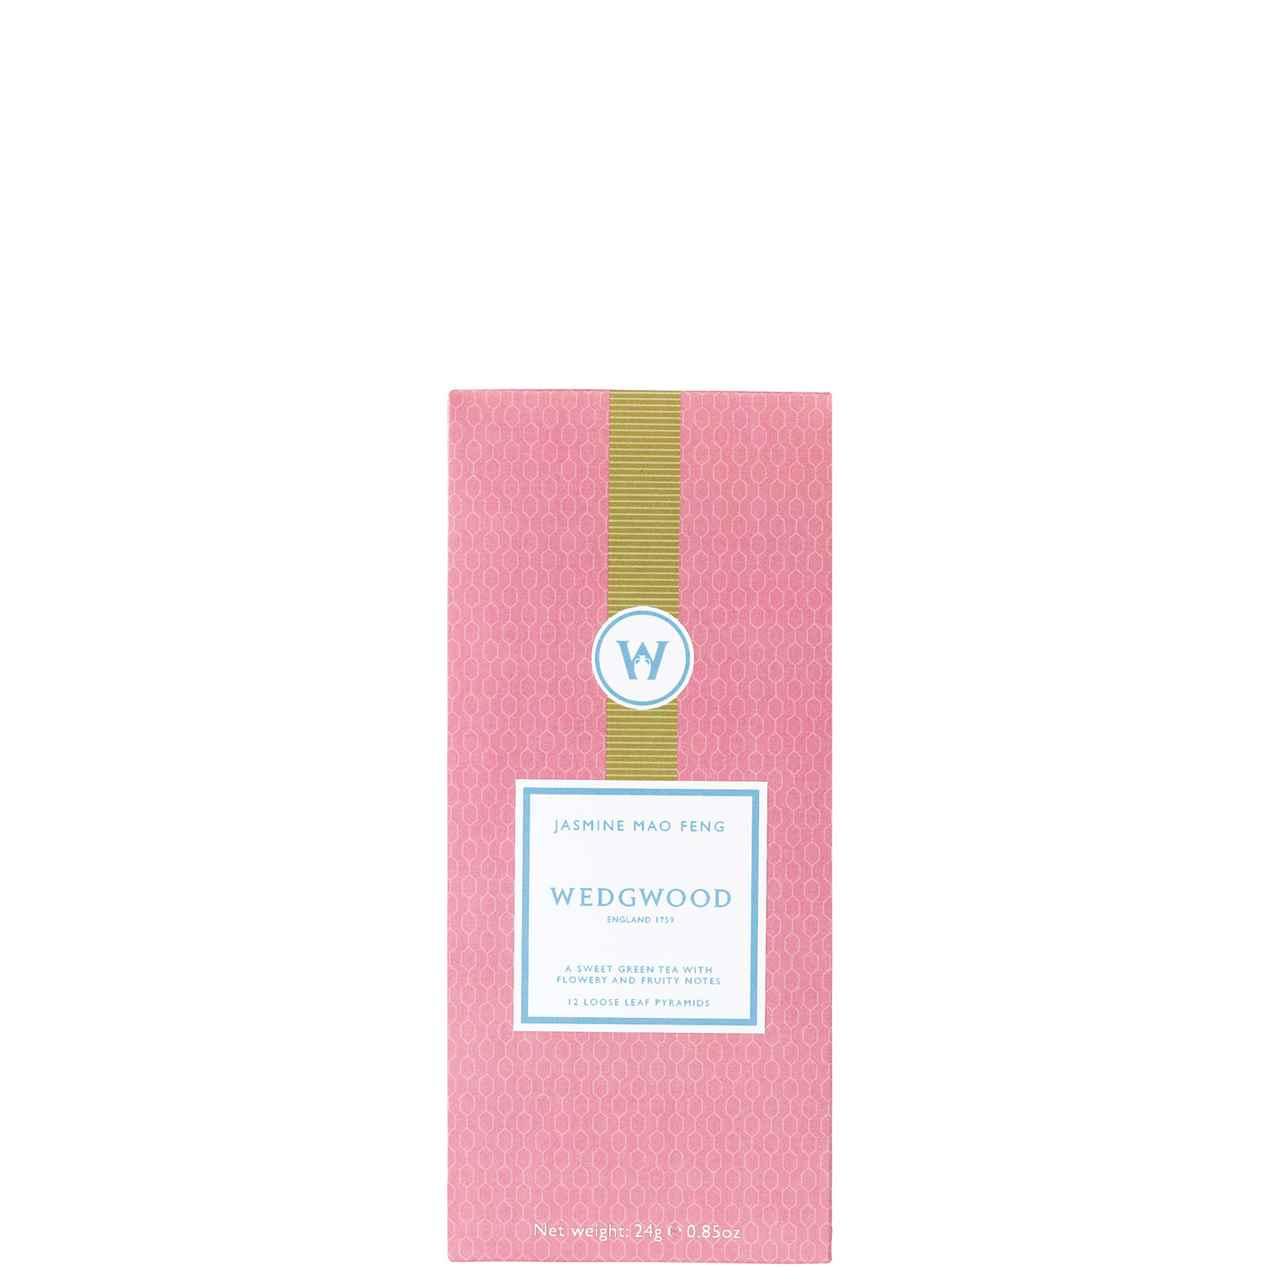 Signature Teas Jasmine Mao Feng Tea - 12 Teabags